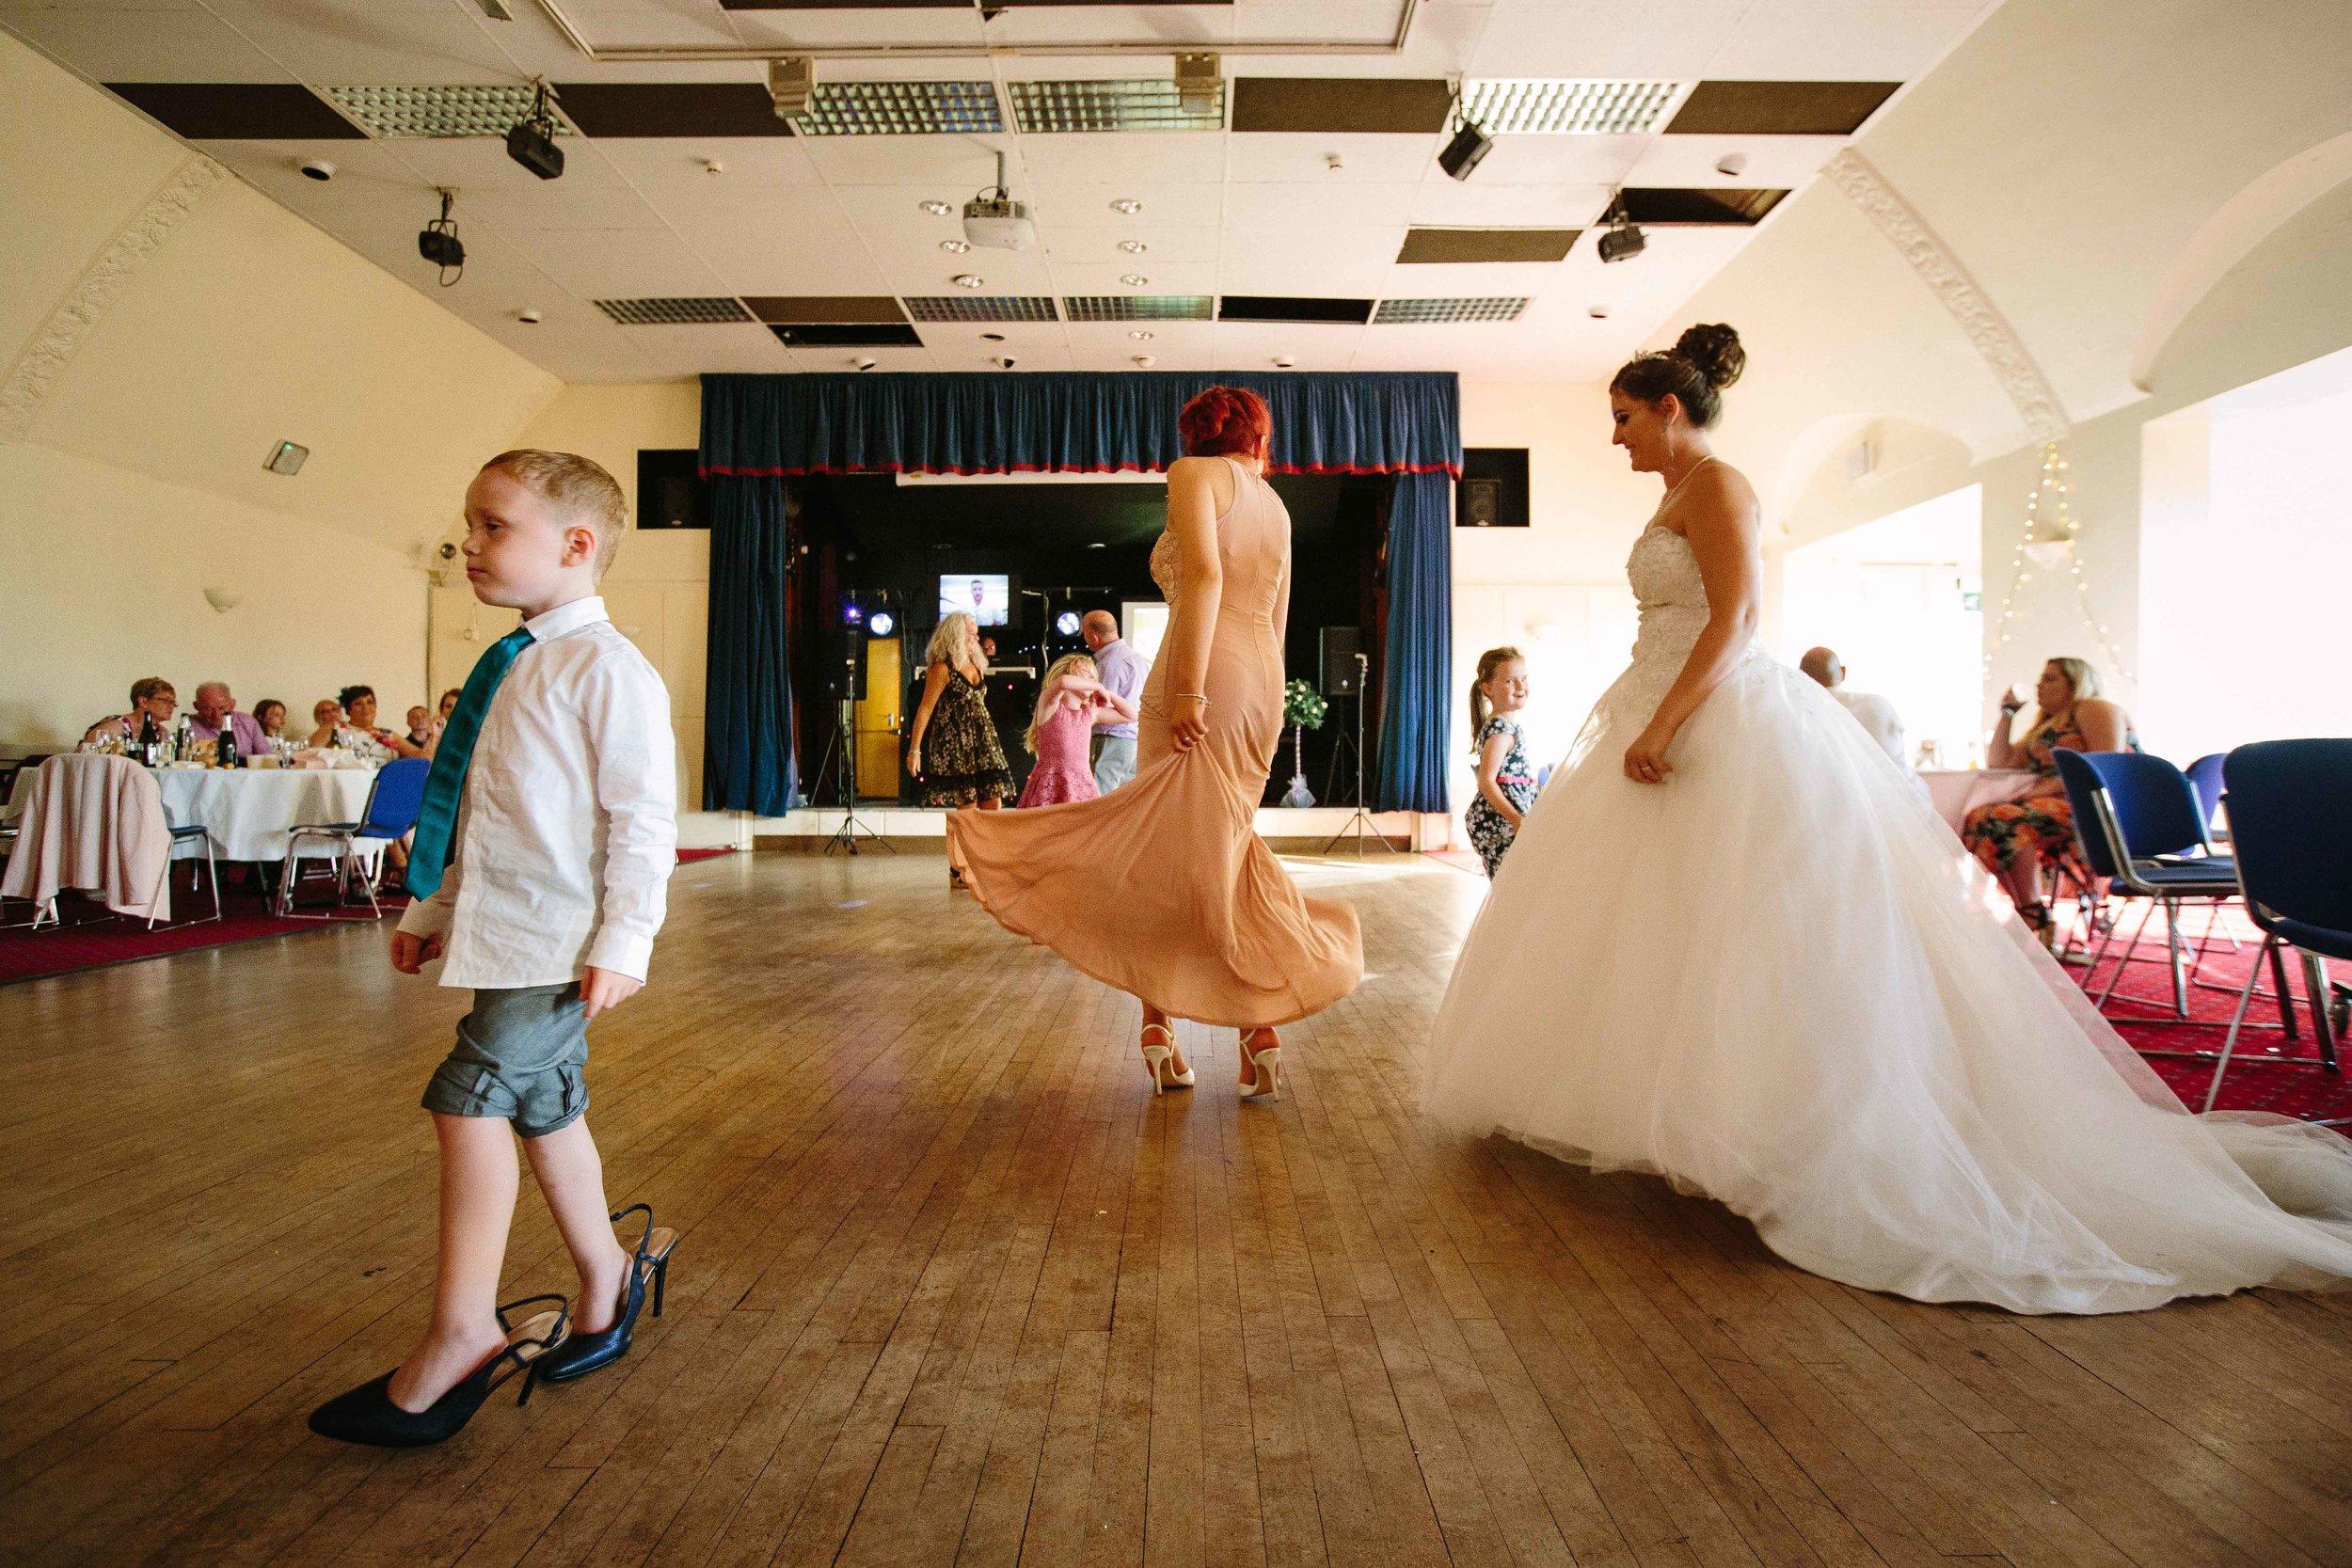 HamptonCourt-Wedding-Weybridge-Surrey-London-OatlandsParkHotel-44